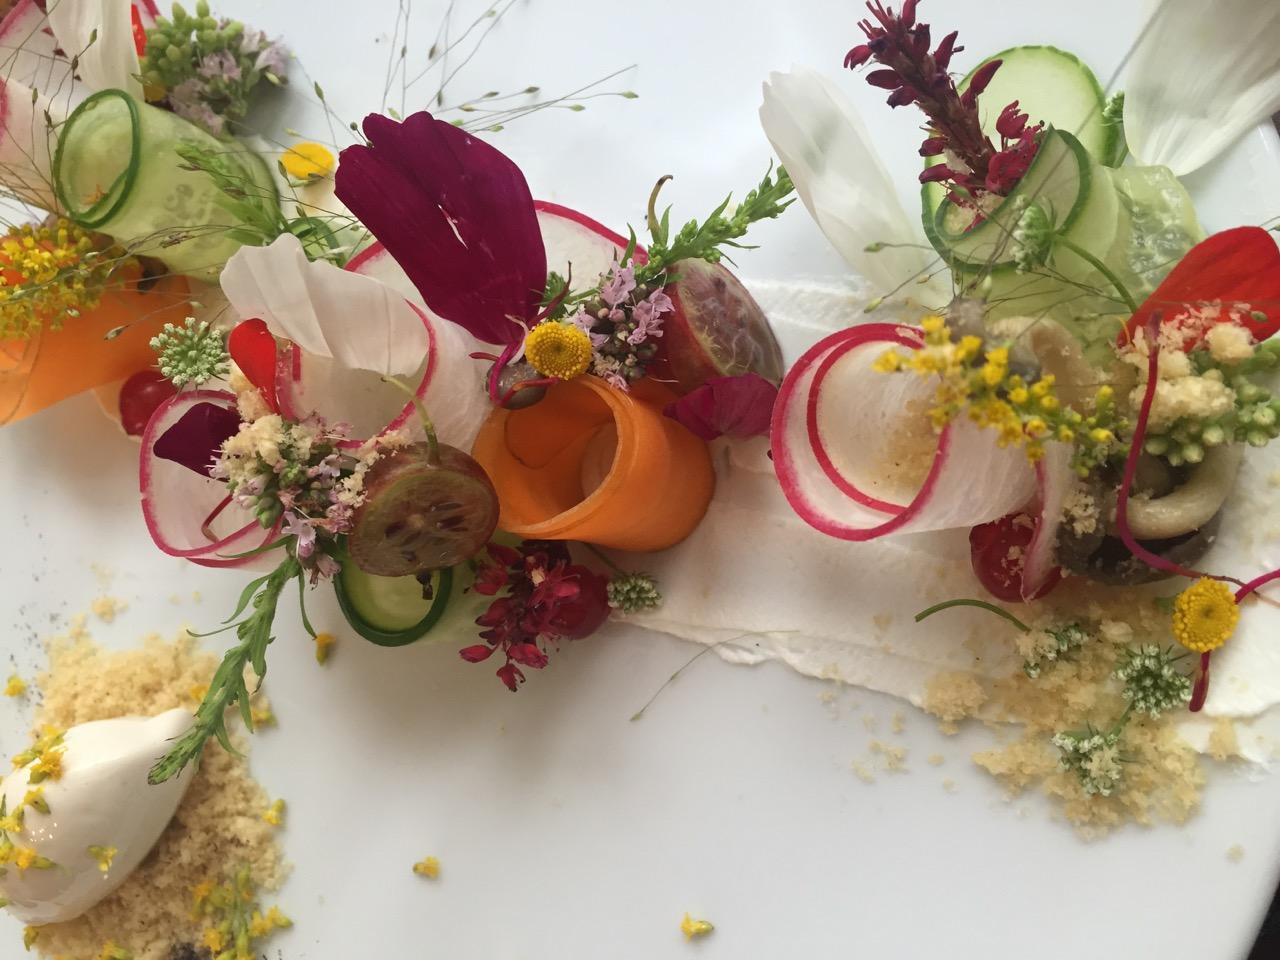 BLÜTEN ZUM ANBEISSEN - Die volle kulinarische Beglückung sind Blüten!Rauschende Farben, betörender Duft und der Geschmack- alles auf einmal: ein Traum!Pelargonien-Plätzchen, geröstete Paprika mit Süßdolden, Gebirgsnelken-Nektarinen-Salat, frittierte Zucchiniblüten, Erdbeersuppe mit Borretschblüten, geschmortes Huhn mit Lavendel. Der glatte Wahnsinn!Und das zusätzlich reizvolle an der Blütenküche ist, dass immer nur auf den Teller kommt, was gerade blüht. Wer kann schon sagen wann genau im heurigen Jahr die Akazien für's Tempura in voller Blüten stehn?